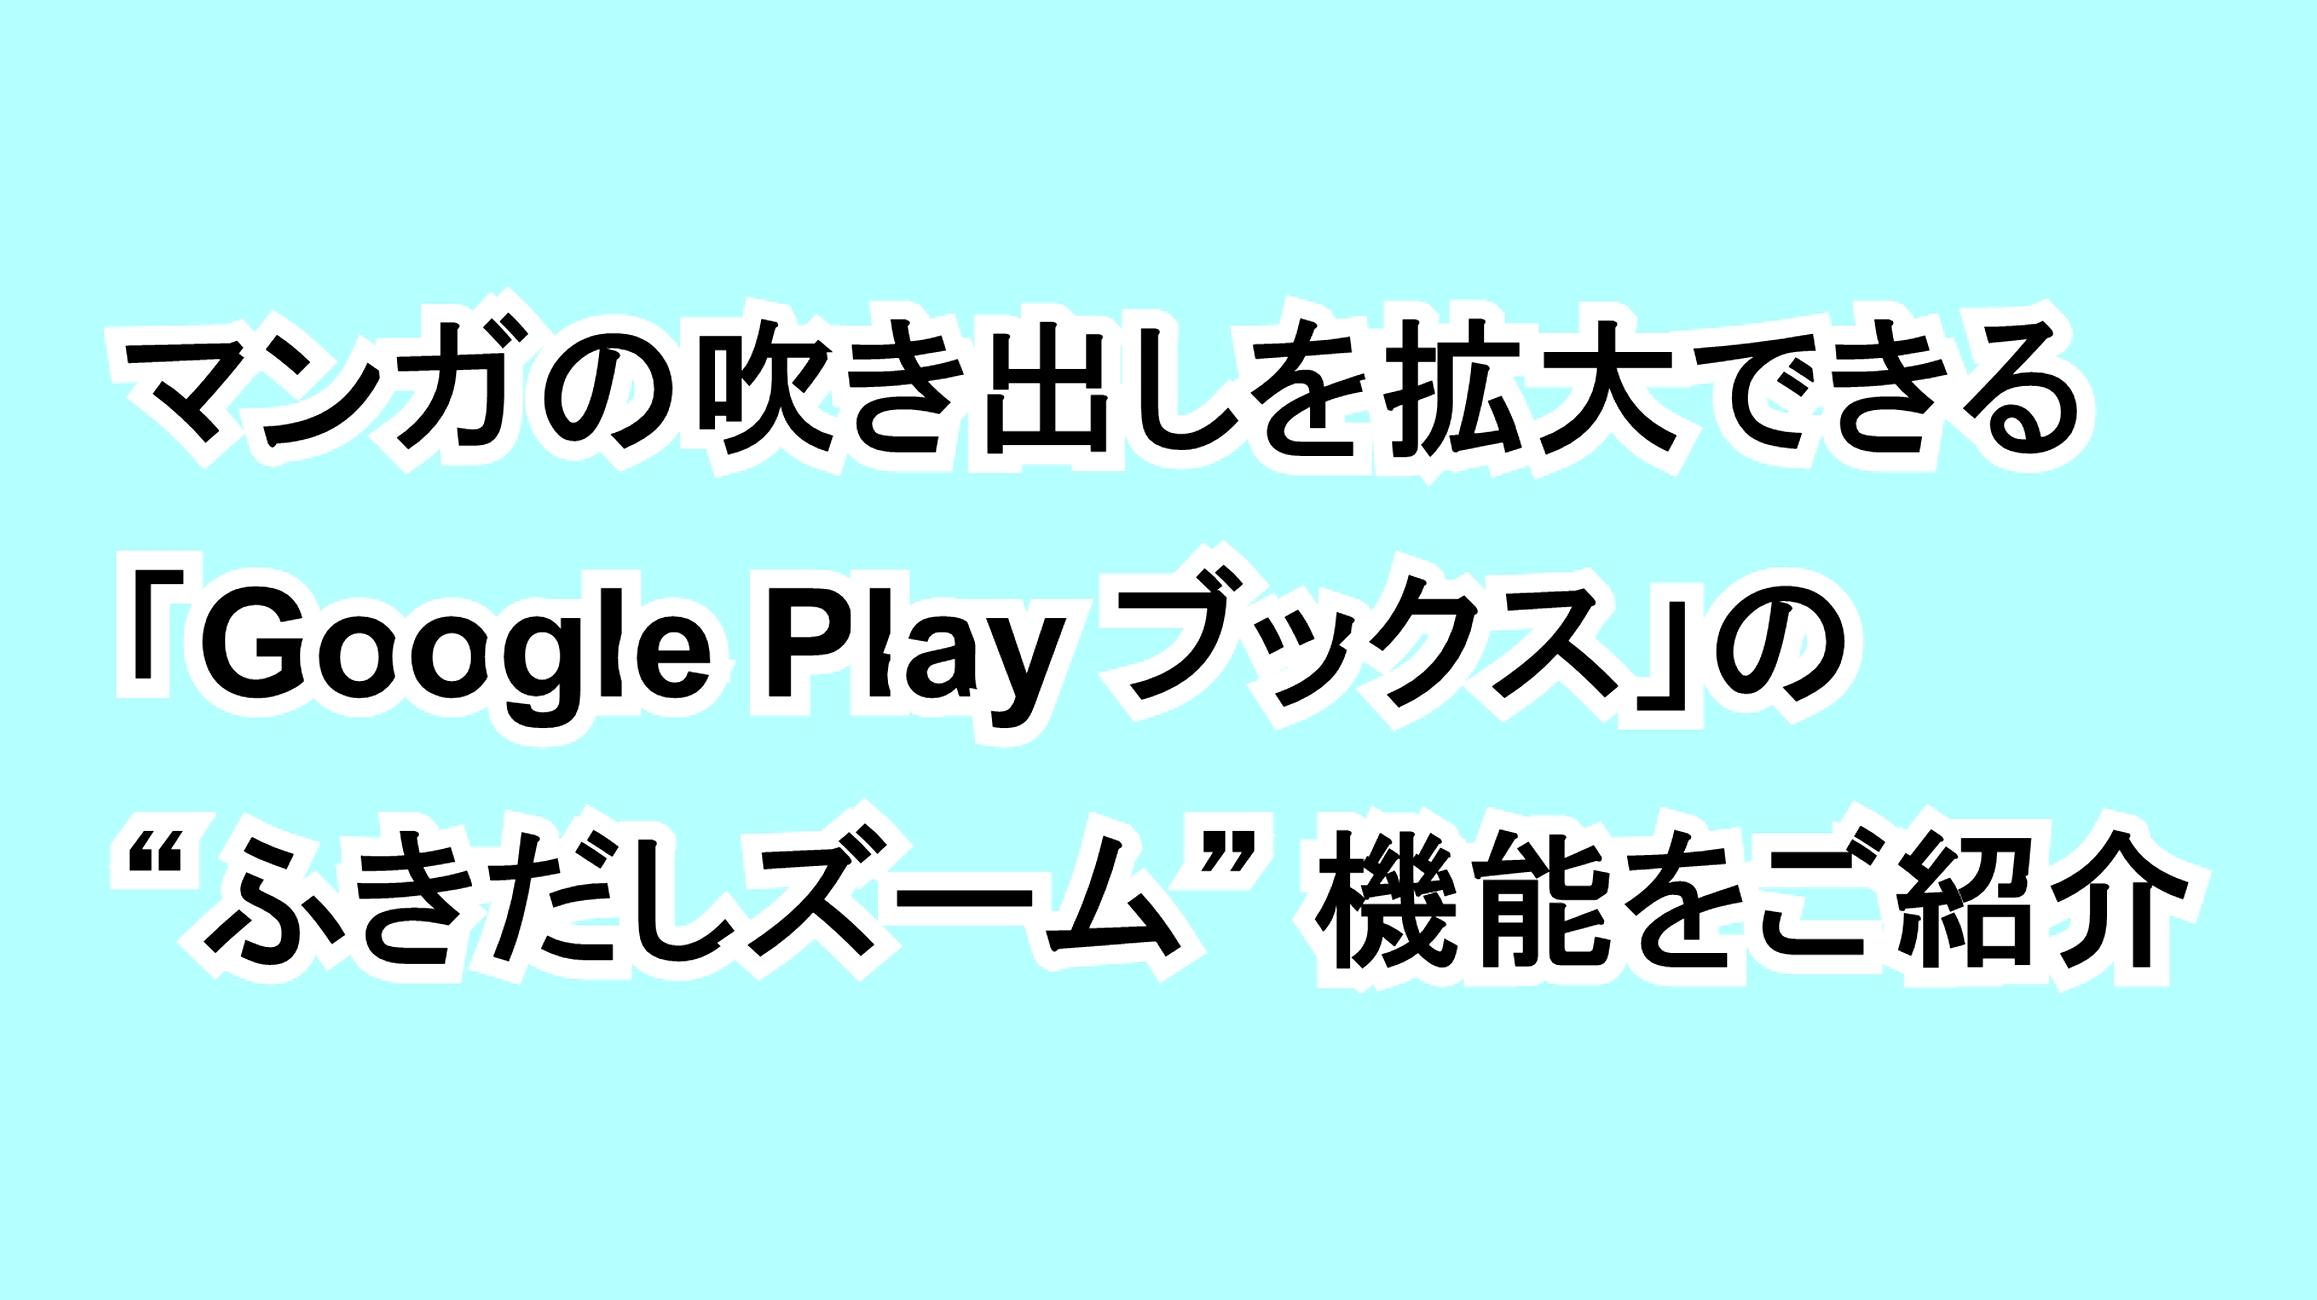 """マンガの吹き出しを拡大できる「Google Play ブックス」の""""ふきだしズーム""""機能をご紹介"""